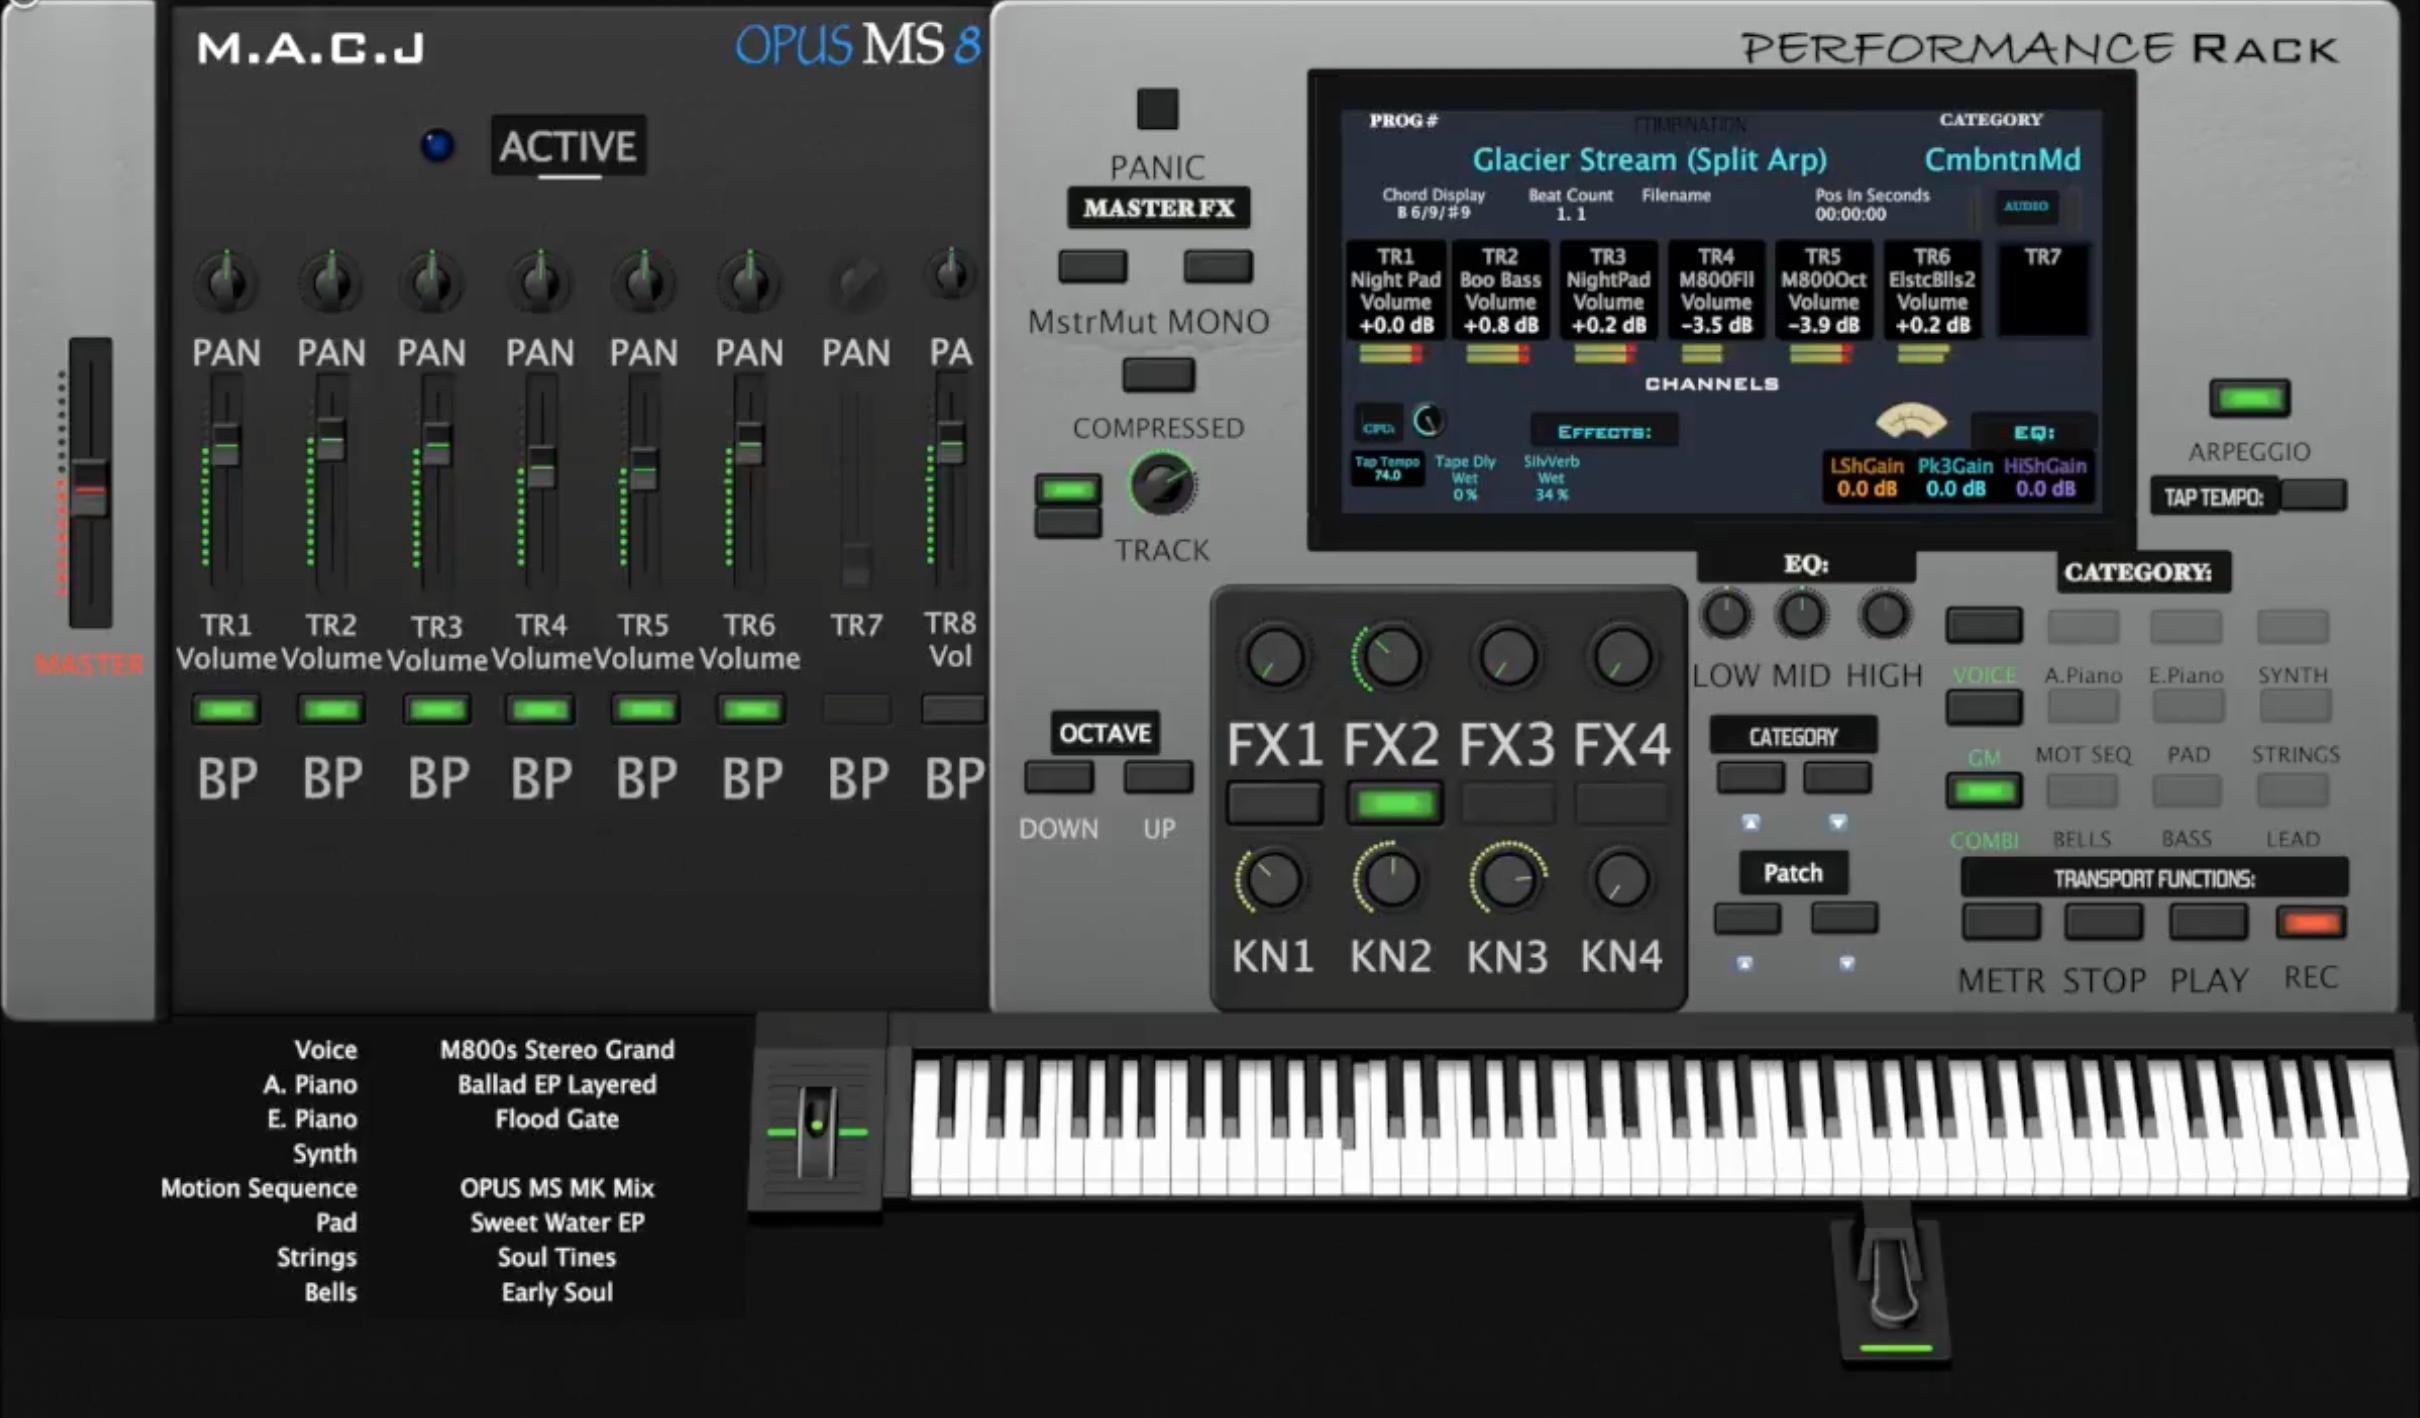 OPUS MSphere Arp Pack